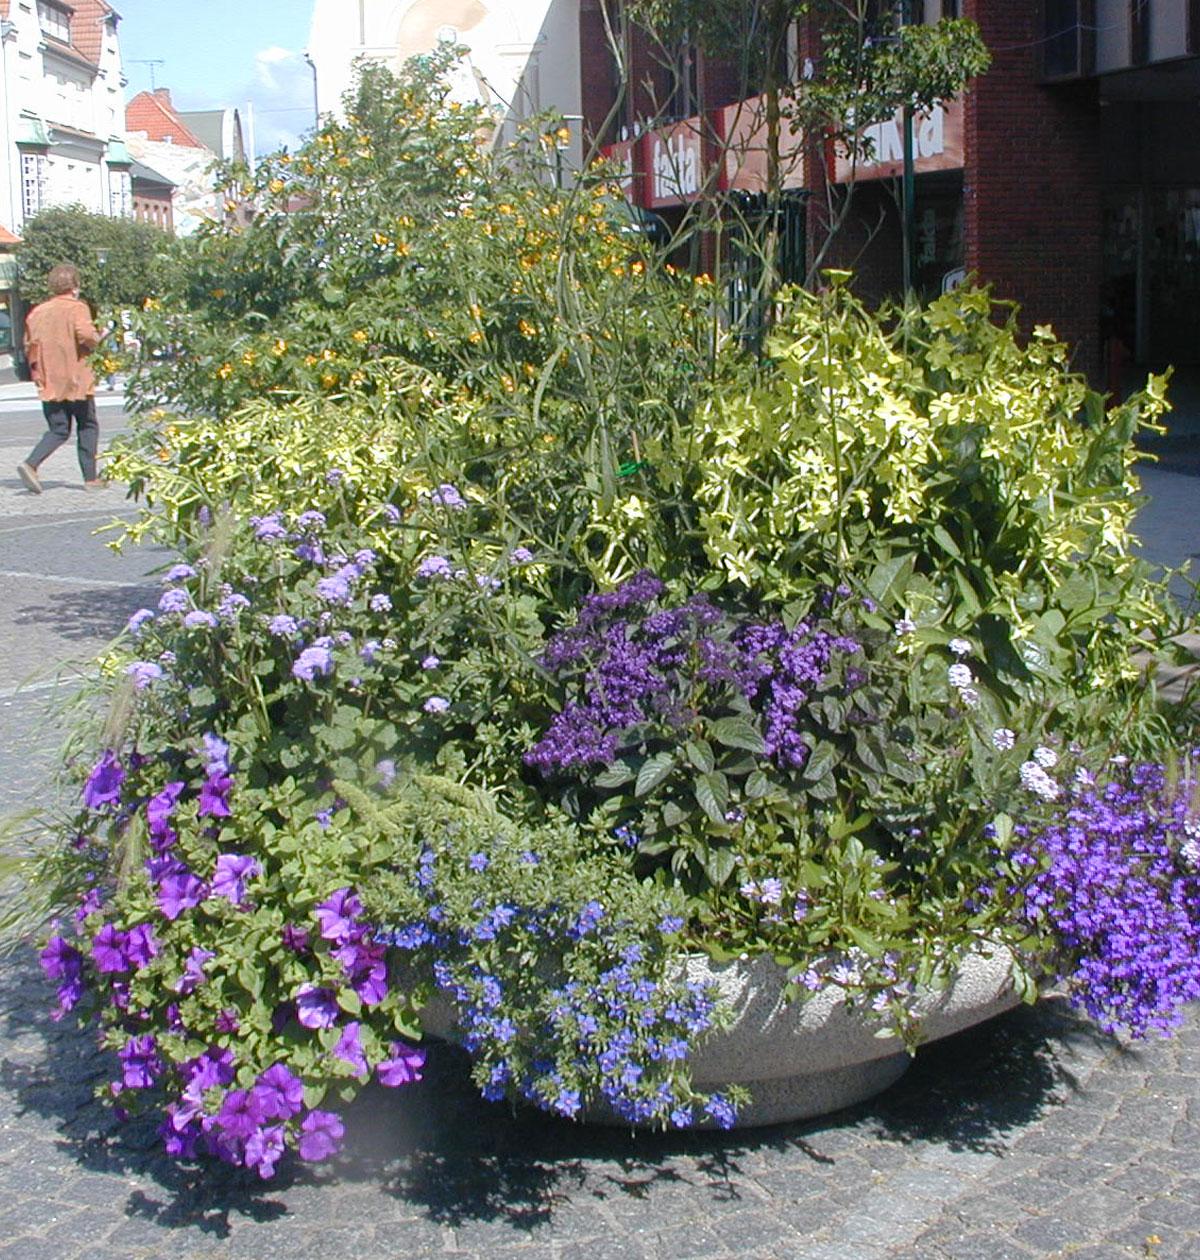 Vordingborg Kommune Oas 160 plantekumme